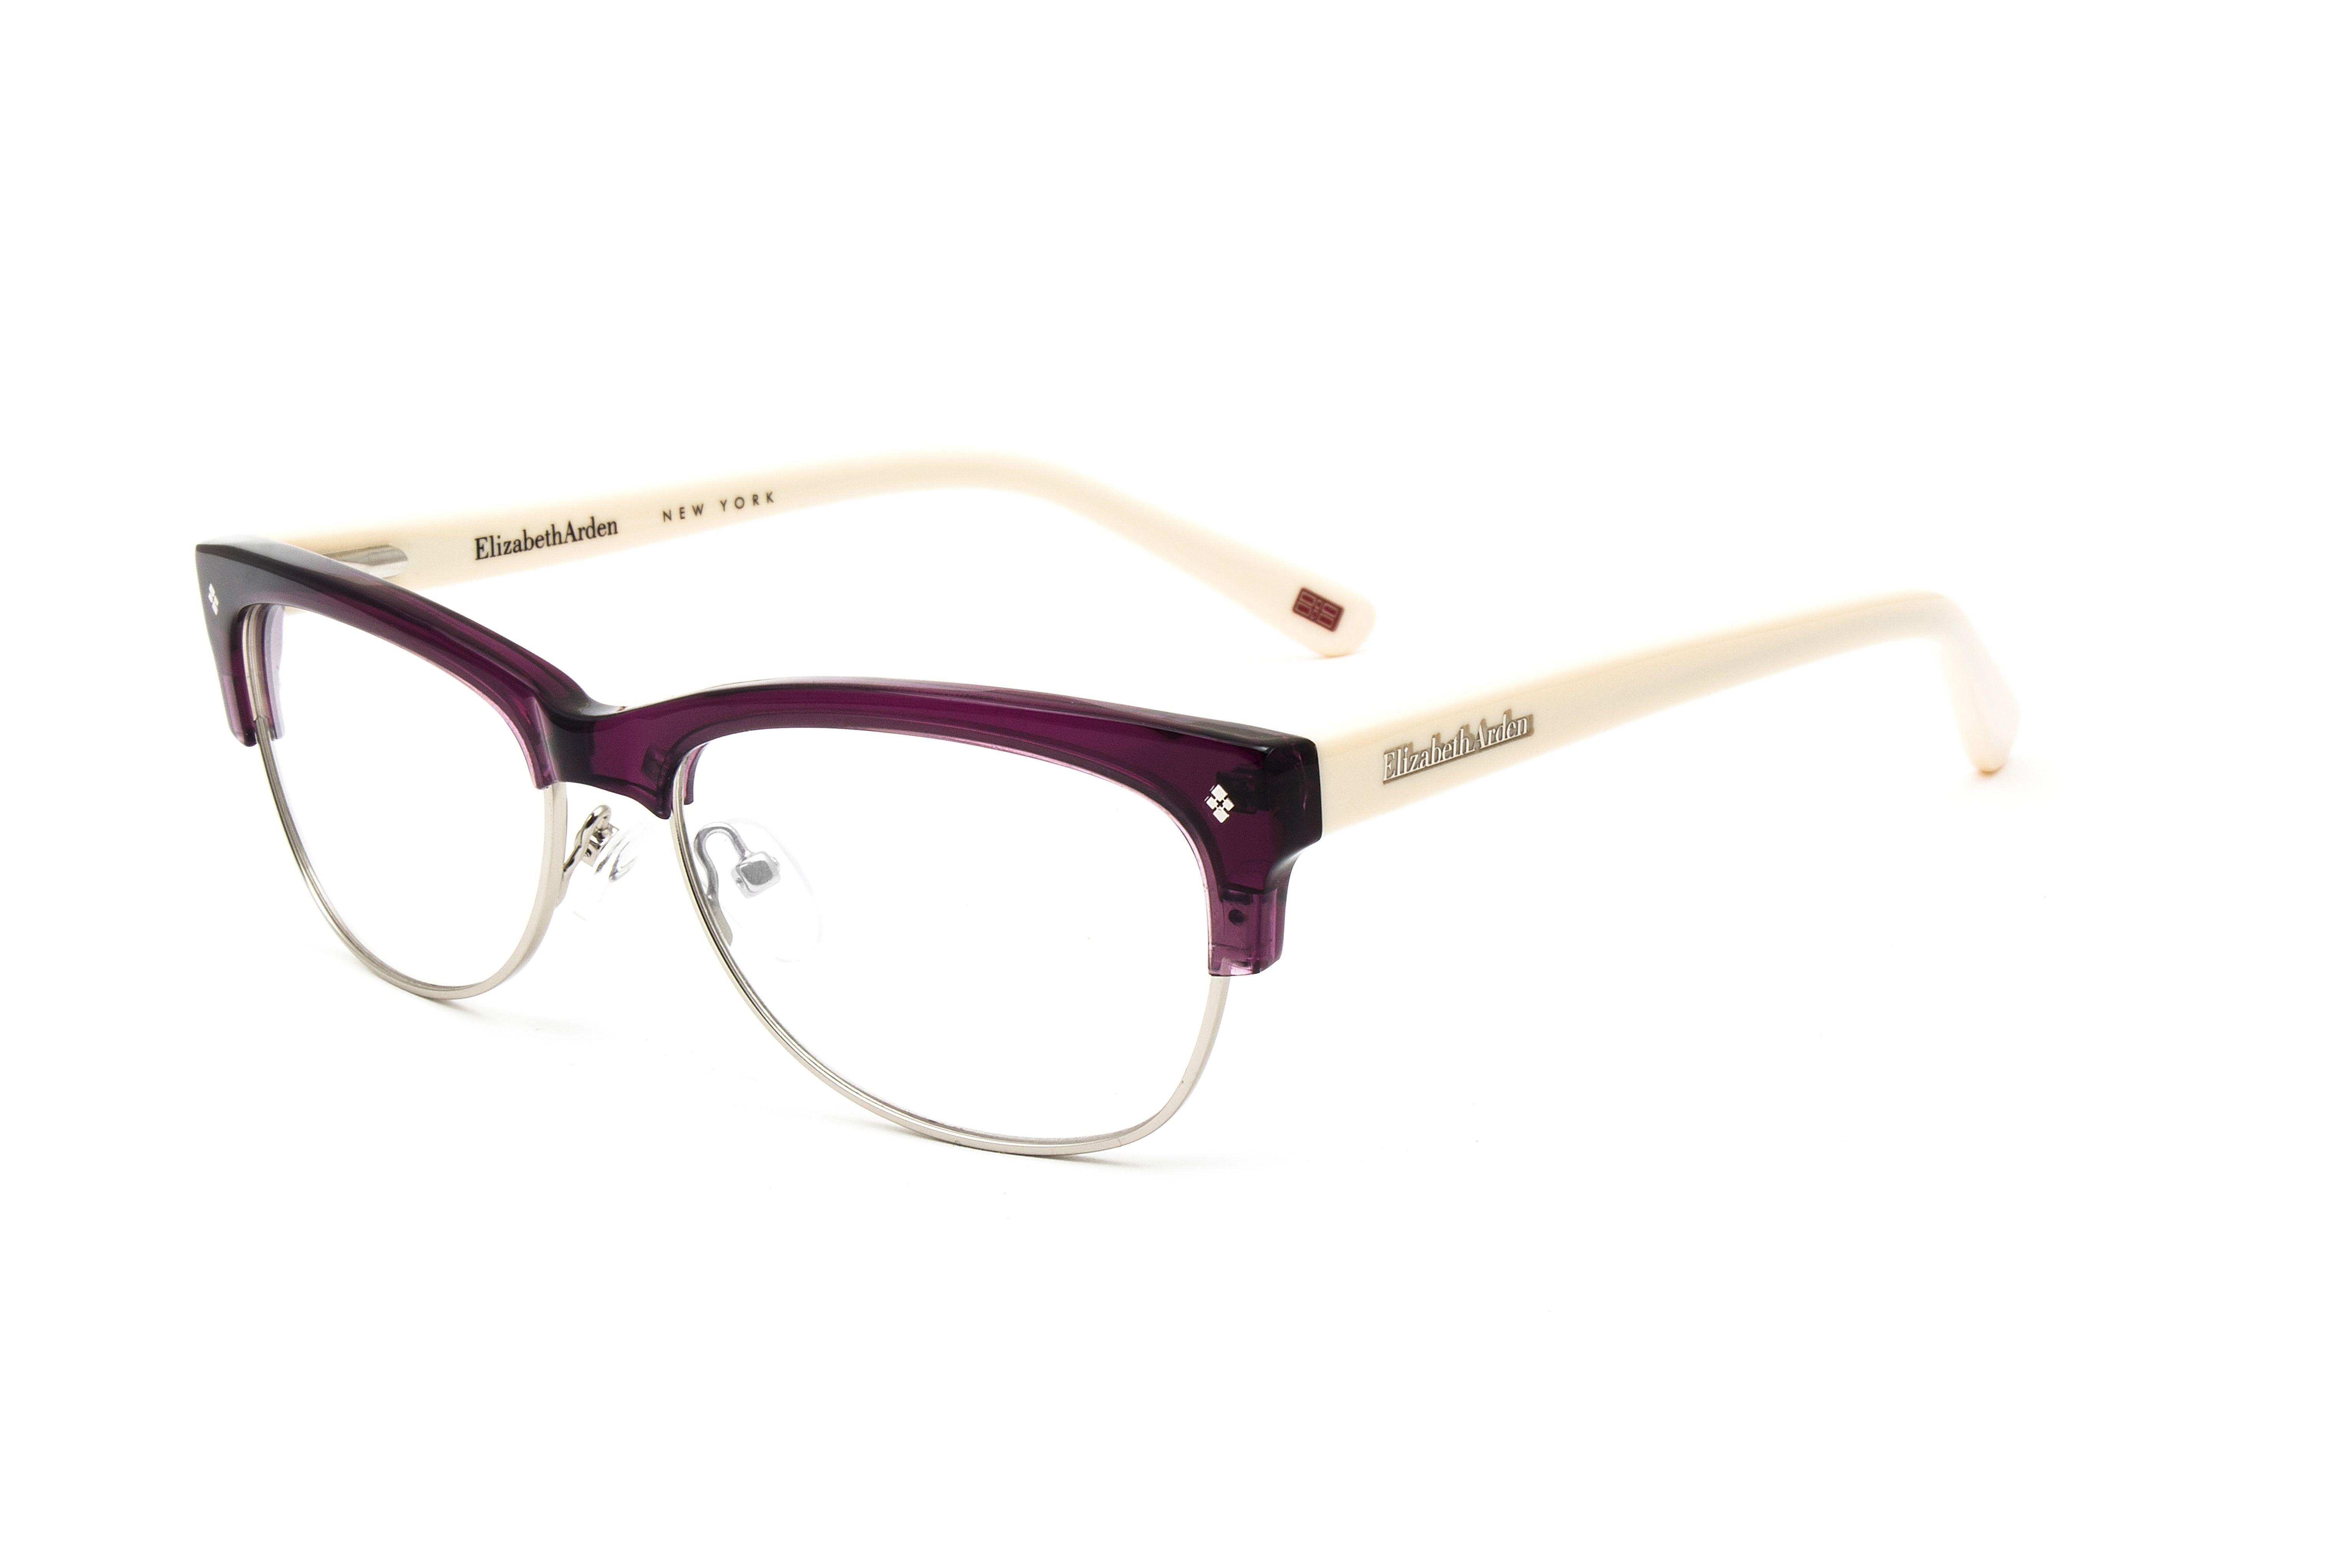 Diacrítico no se dio cuenta colección  Elizabeth Arden Lupita   Modelos de anteojos, Anteojos, Modelos